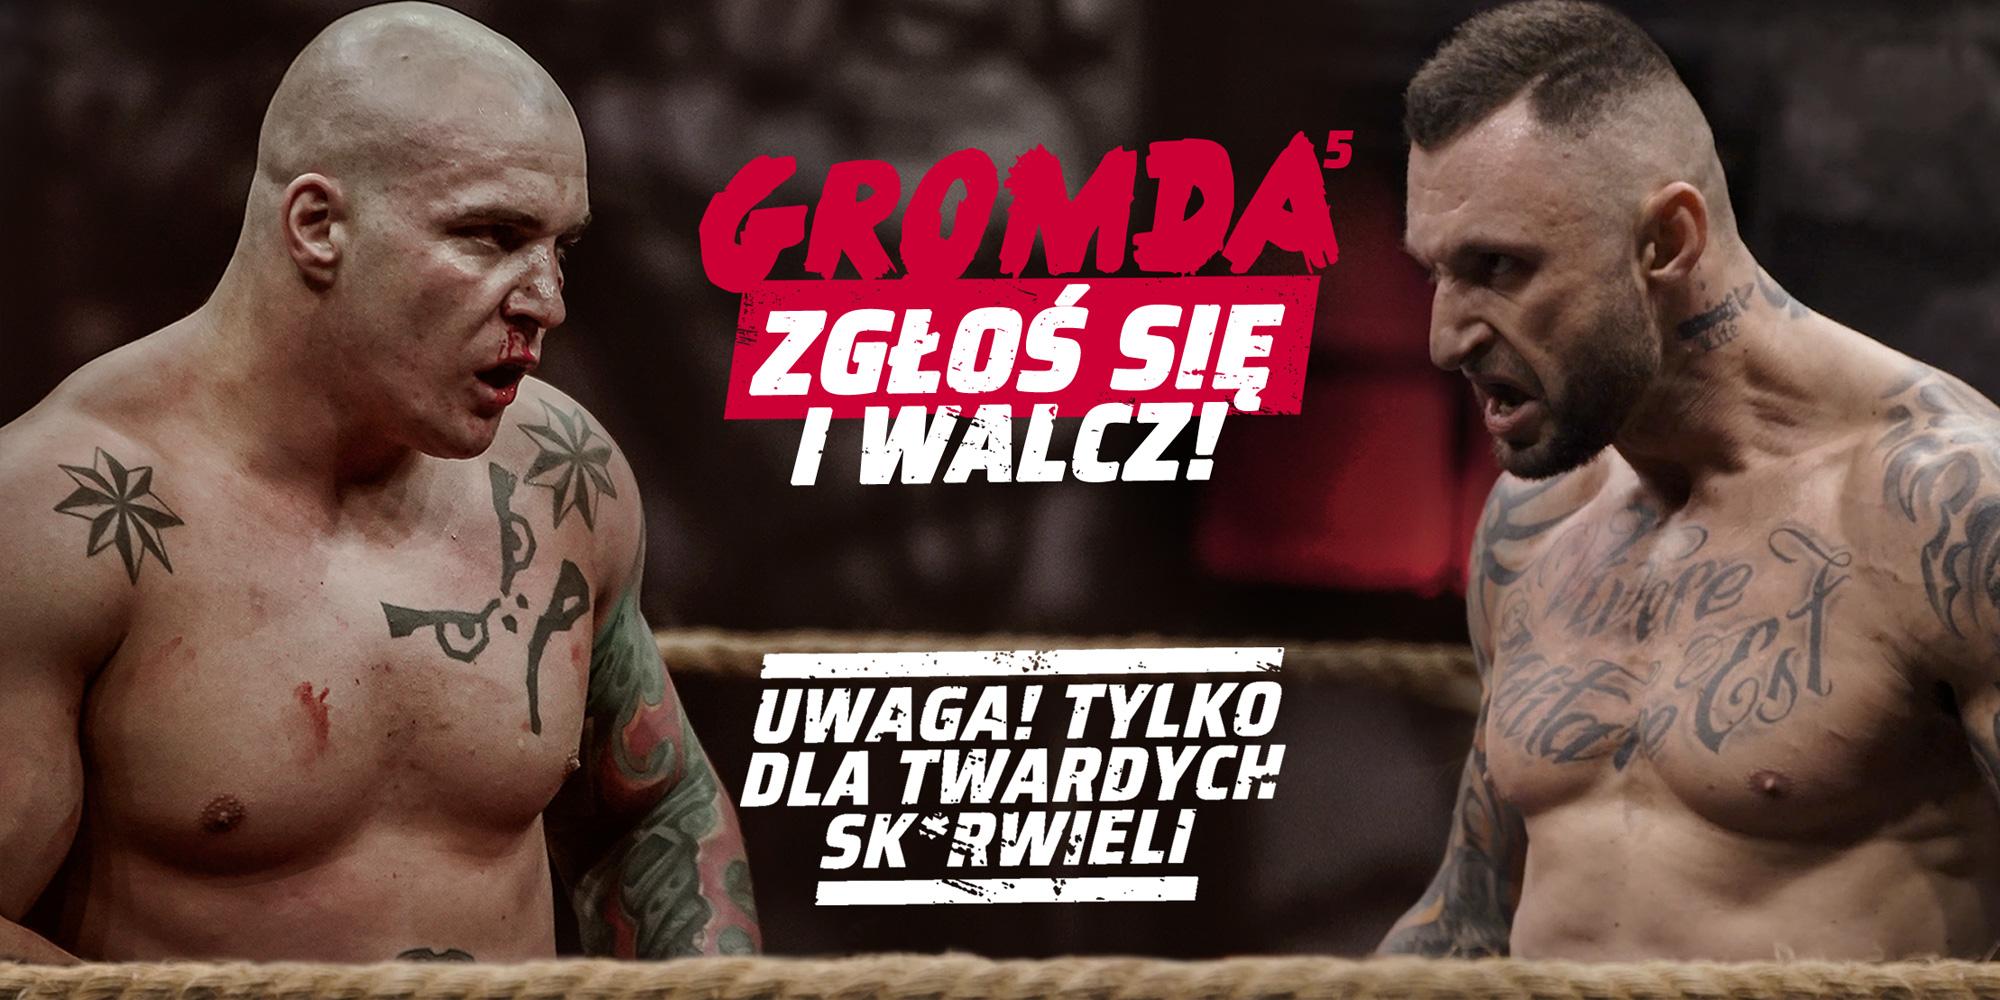 GROMDA 5 - Zgłoś się i walcz - Walki na gołe pięści